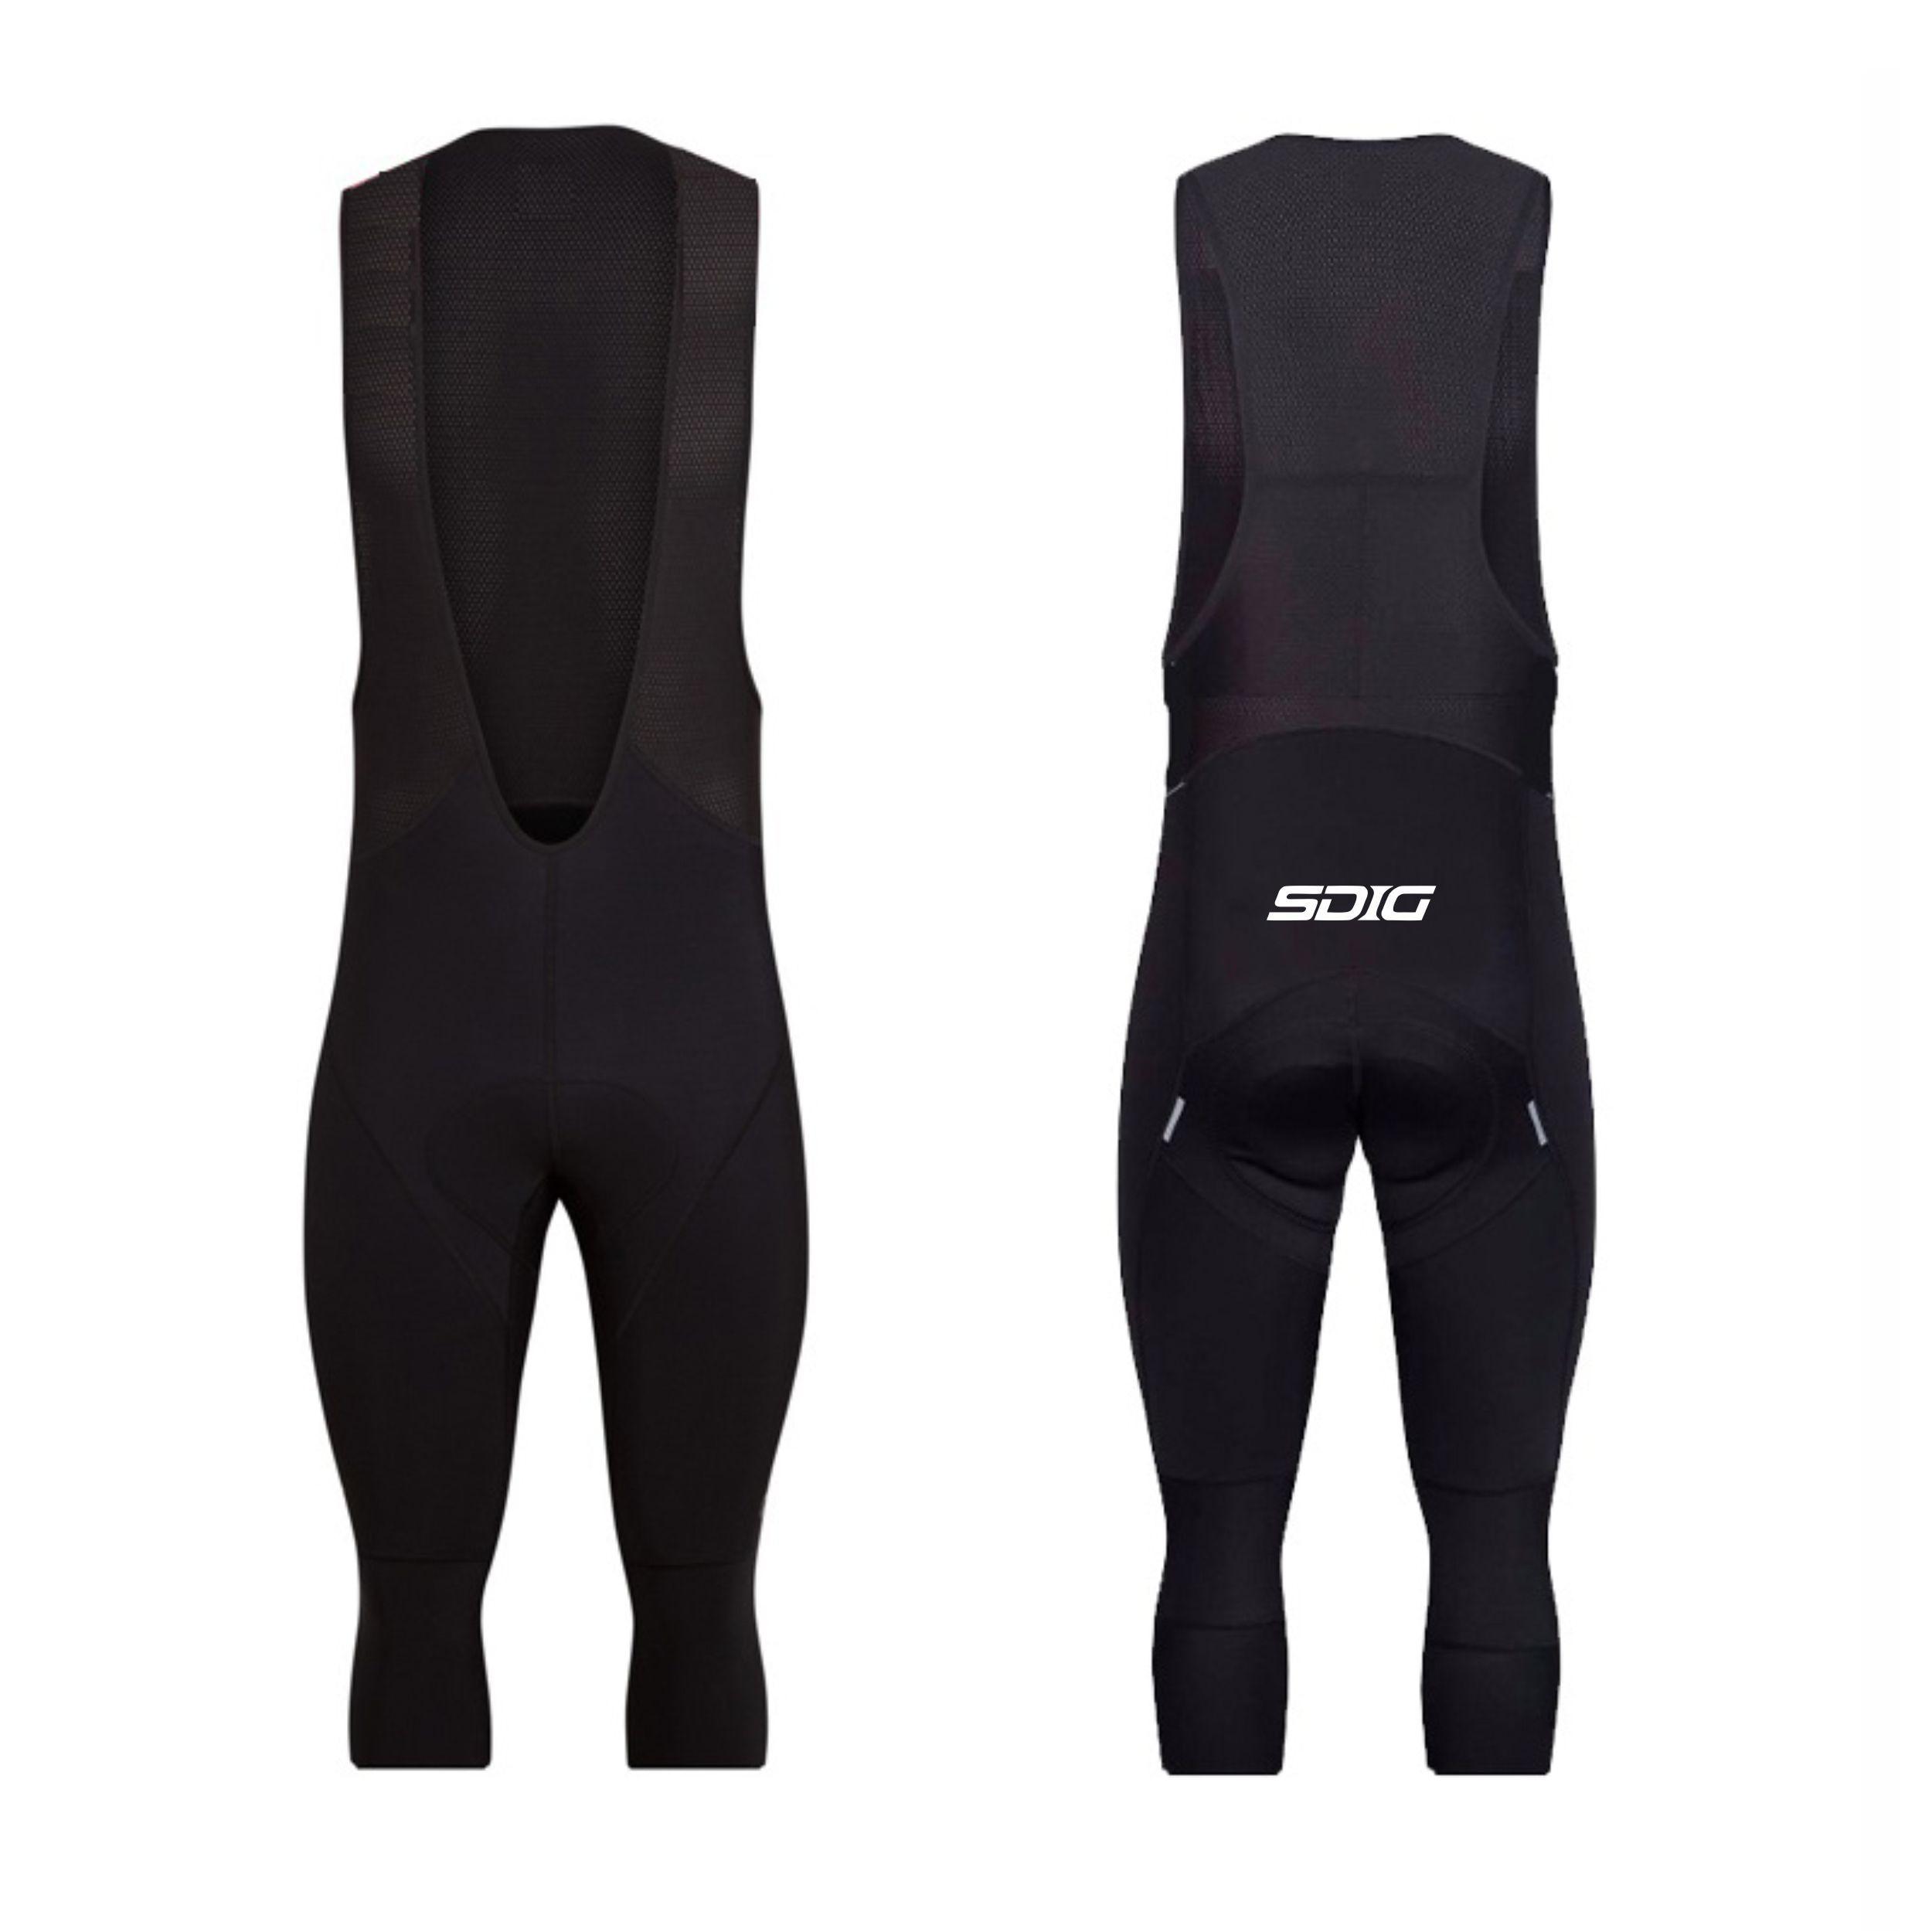 SDIG-pantalones cortos de Ciclismo con almohadilla de Gel, 3/4, Envío Gratis